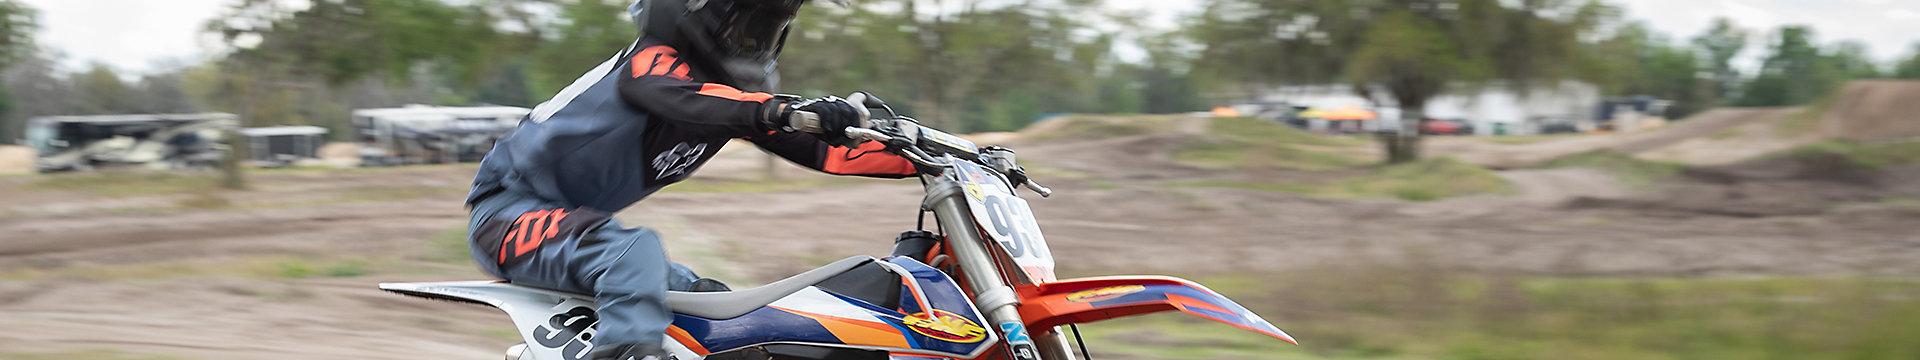 Fox Motocross Jerseys